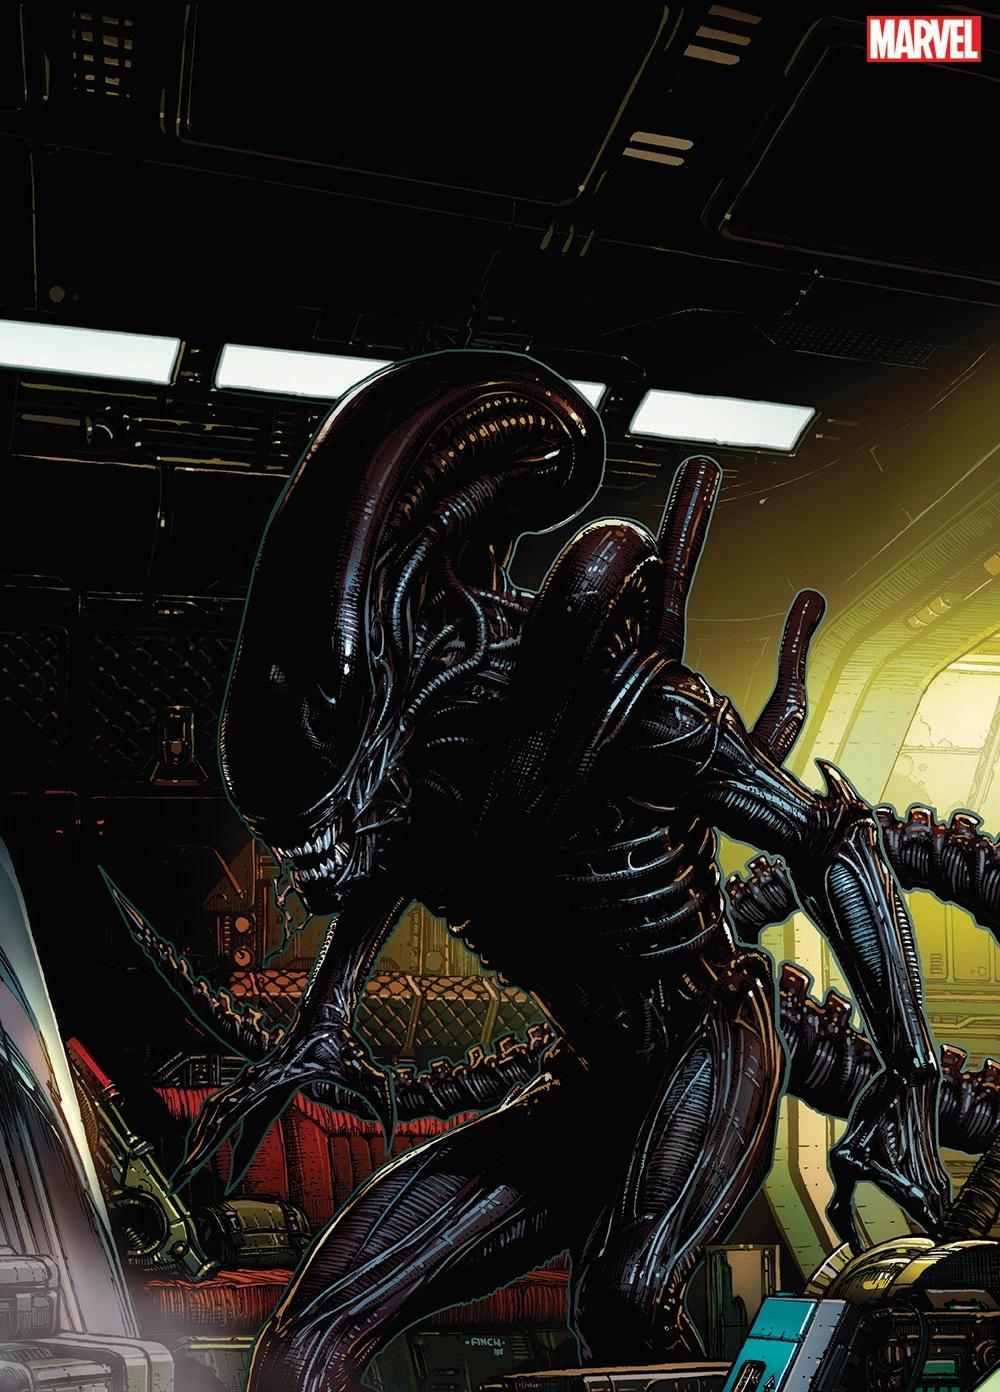 Marvel приобрели лицензионные права на Чужого